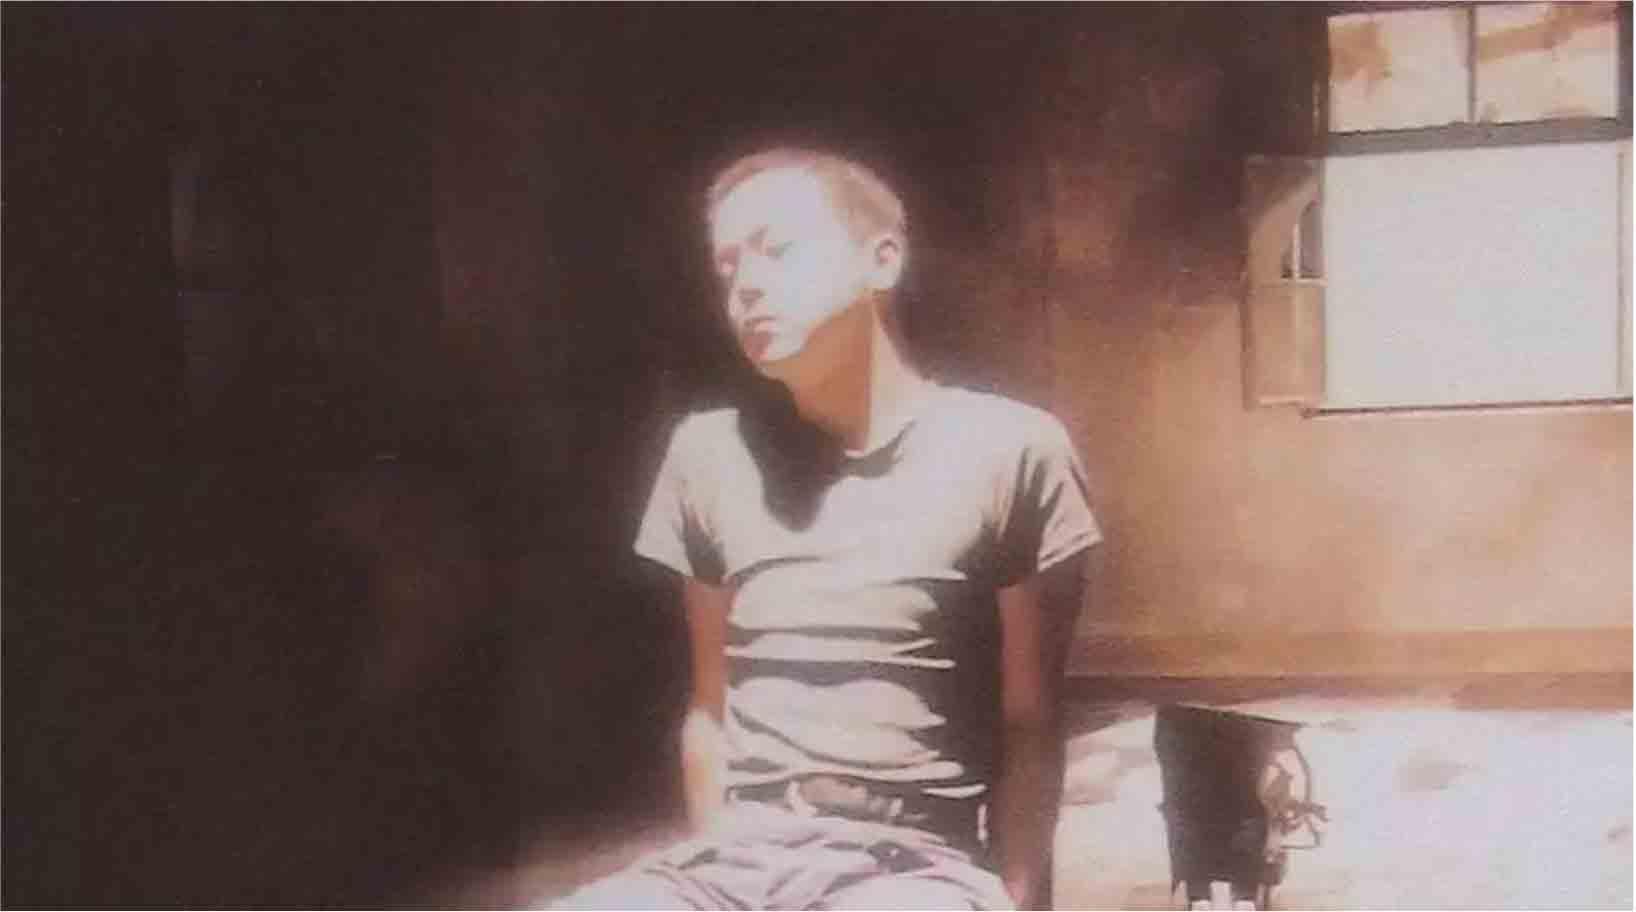 窦唯新专辑,灵感来自一幅清初僧侣的山水画/窦唯新专辑,灵感来自一幅清初僧侣